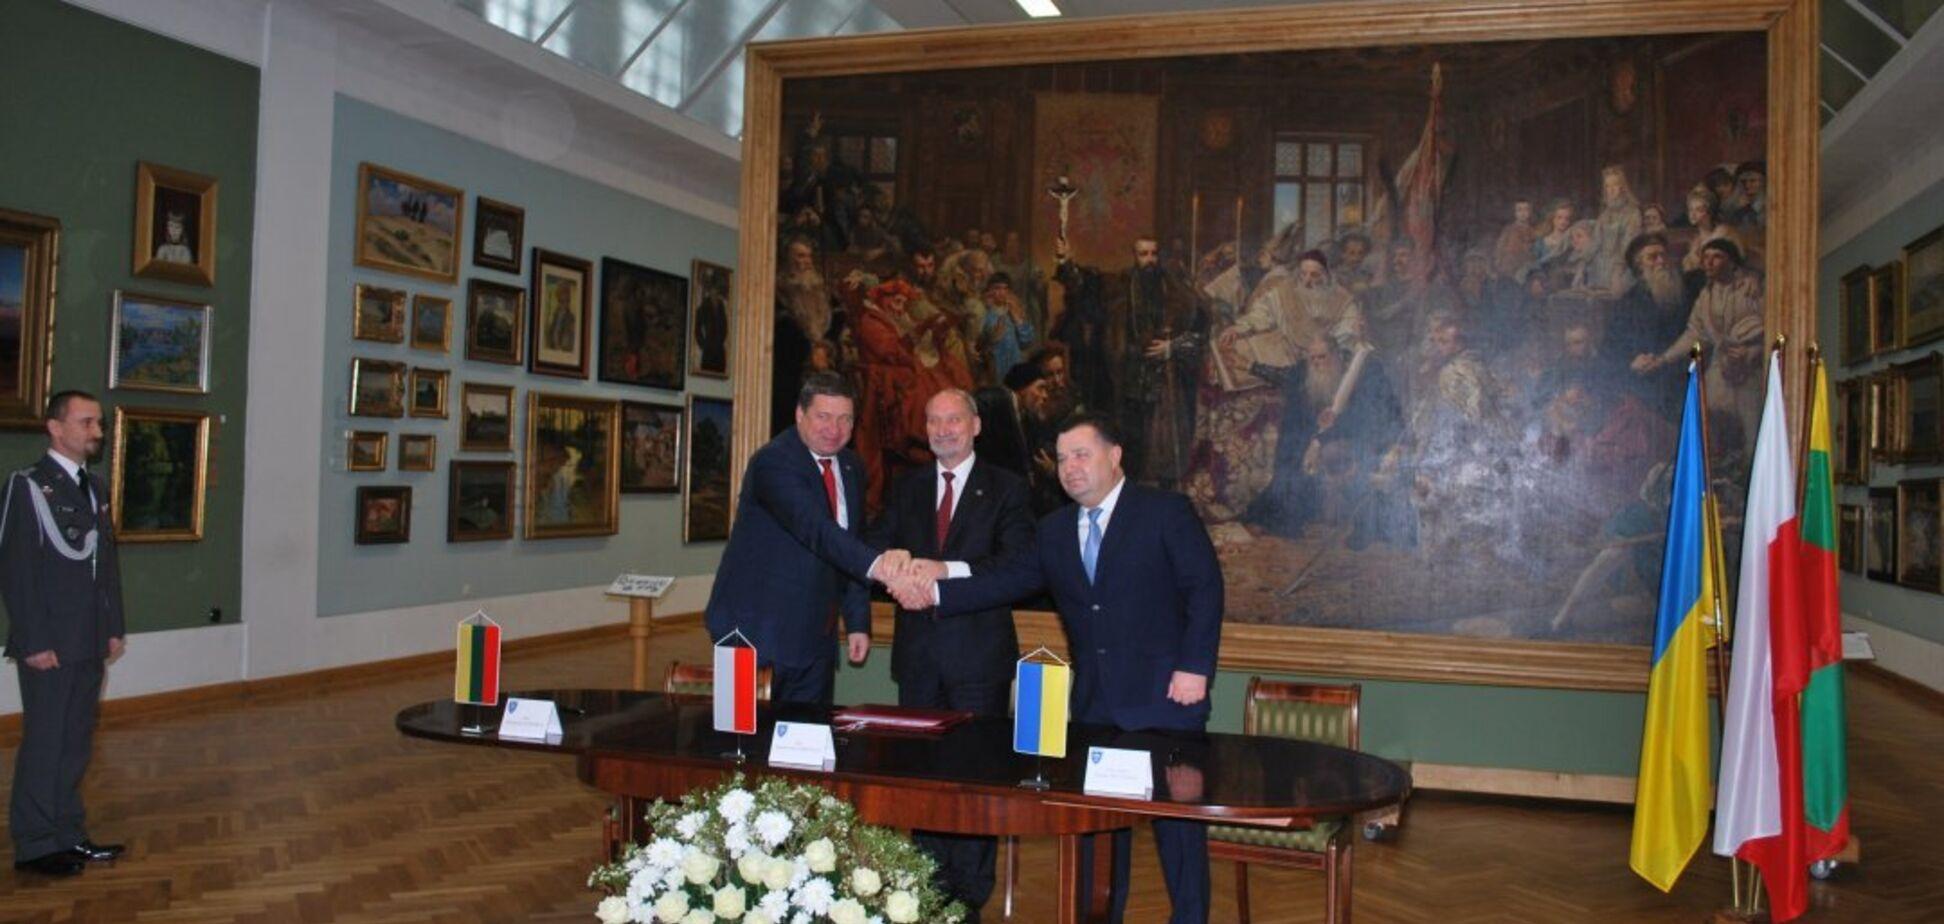 LitPolUkrBrig отримала право діяти: Україна, Польща і Литва підписали військову угоду